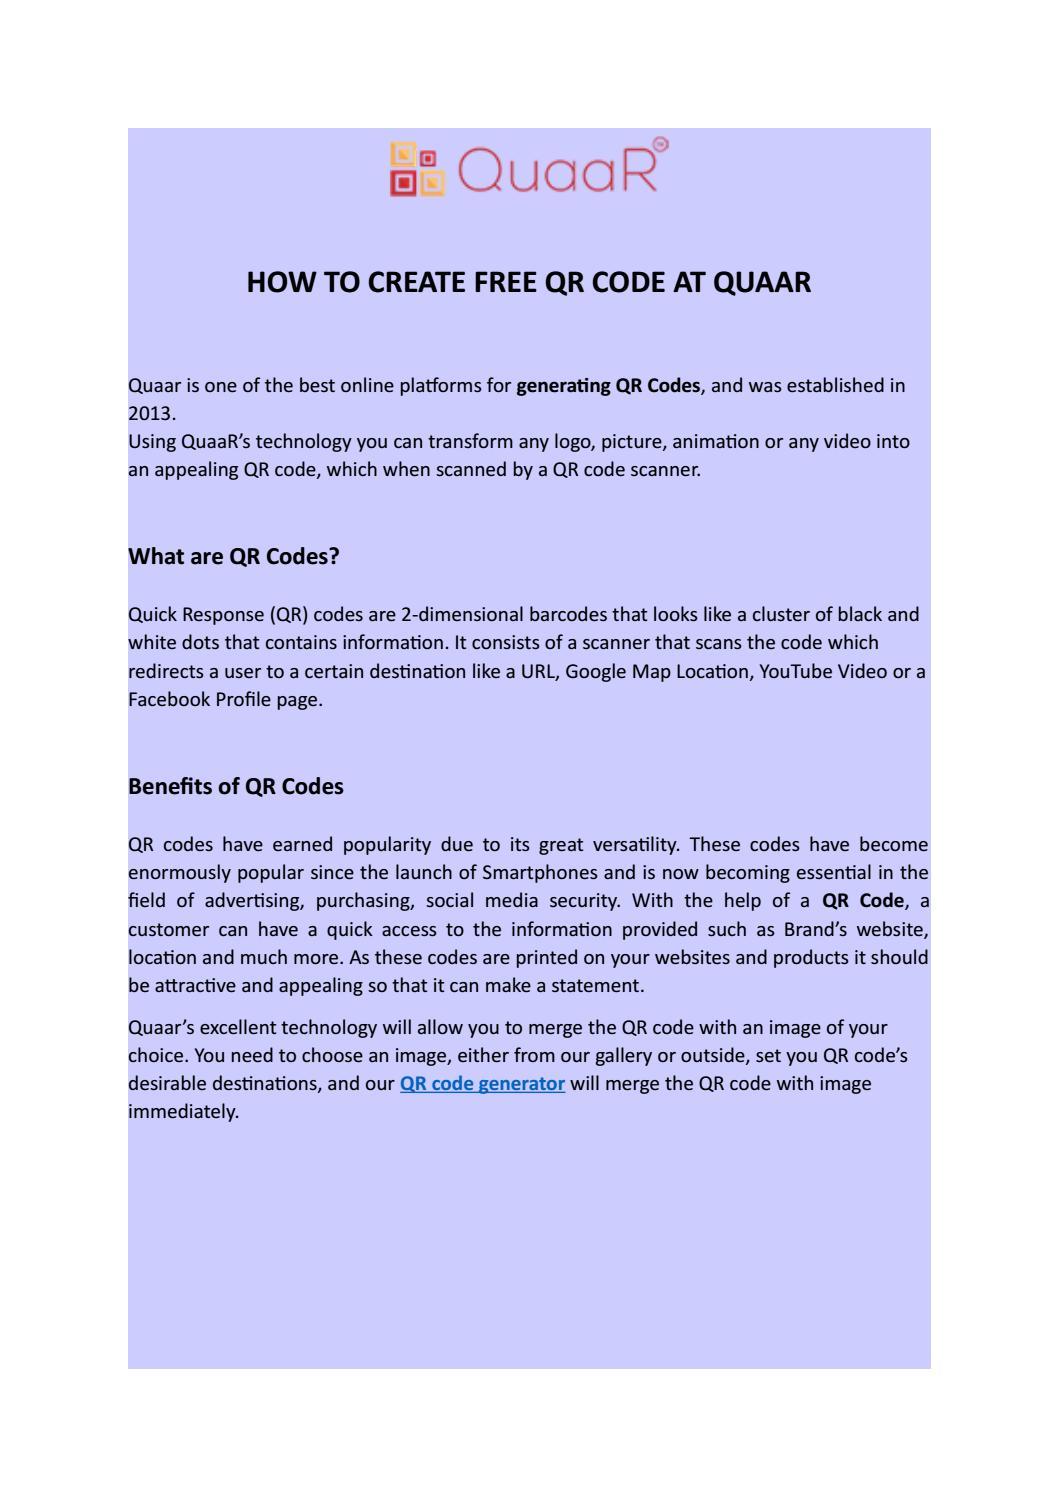 HOW TO CREATE FREE QR CODE AT QUAAR by Quaar - issuu